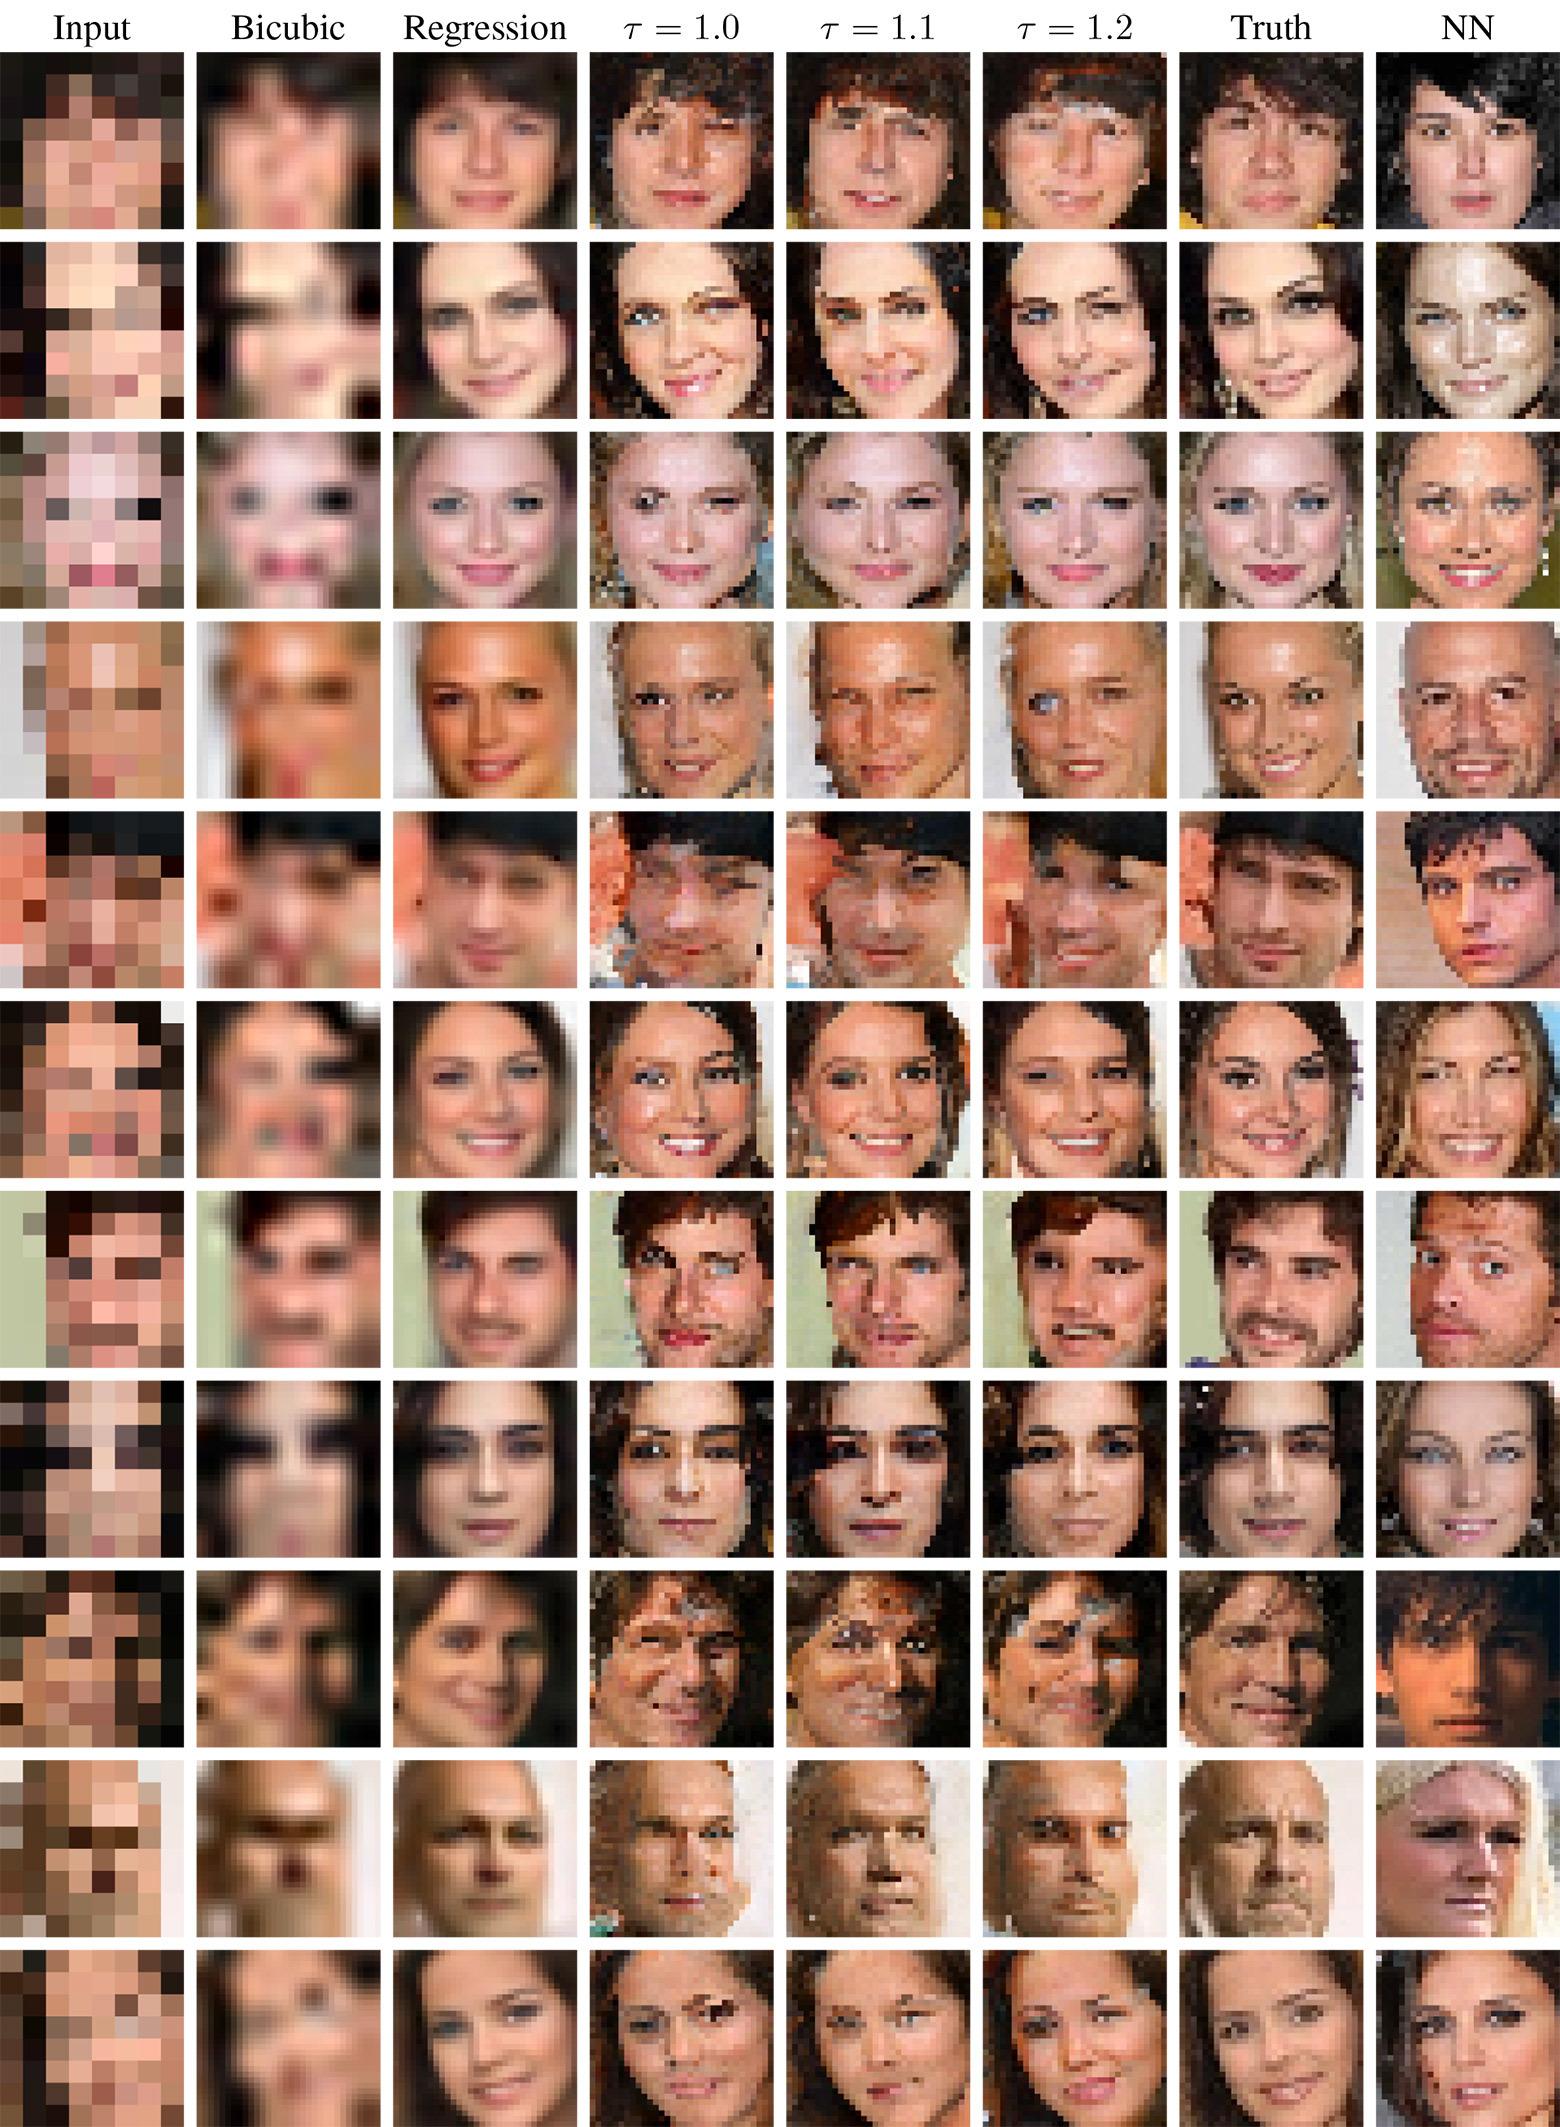 Вероятностное улучшение фотографий по нескольким пикселям: модель Google Brain - 14